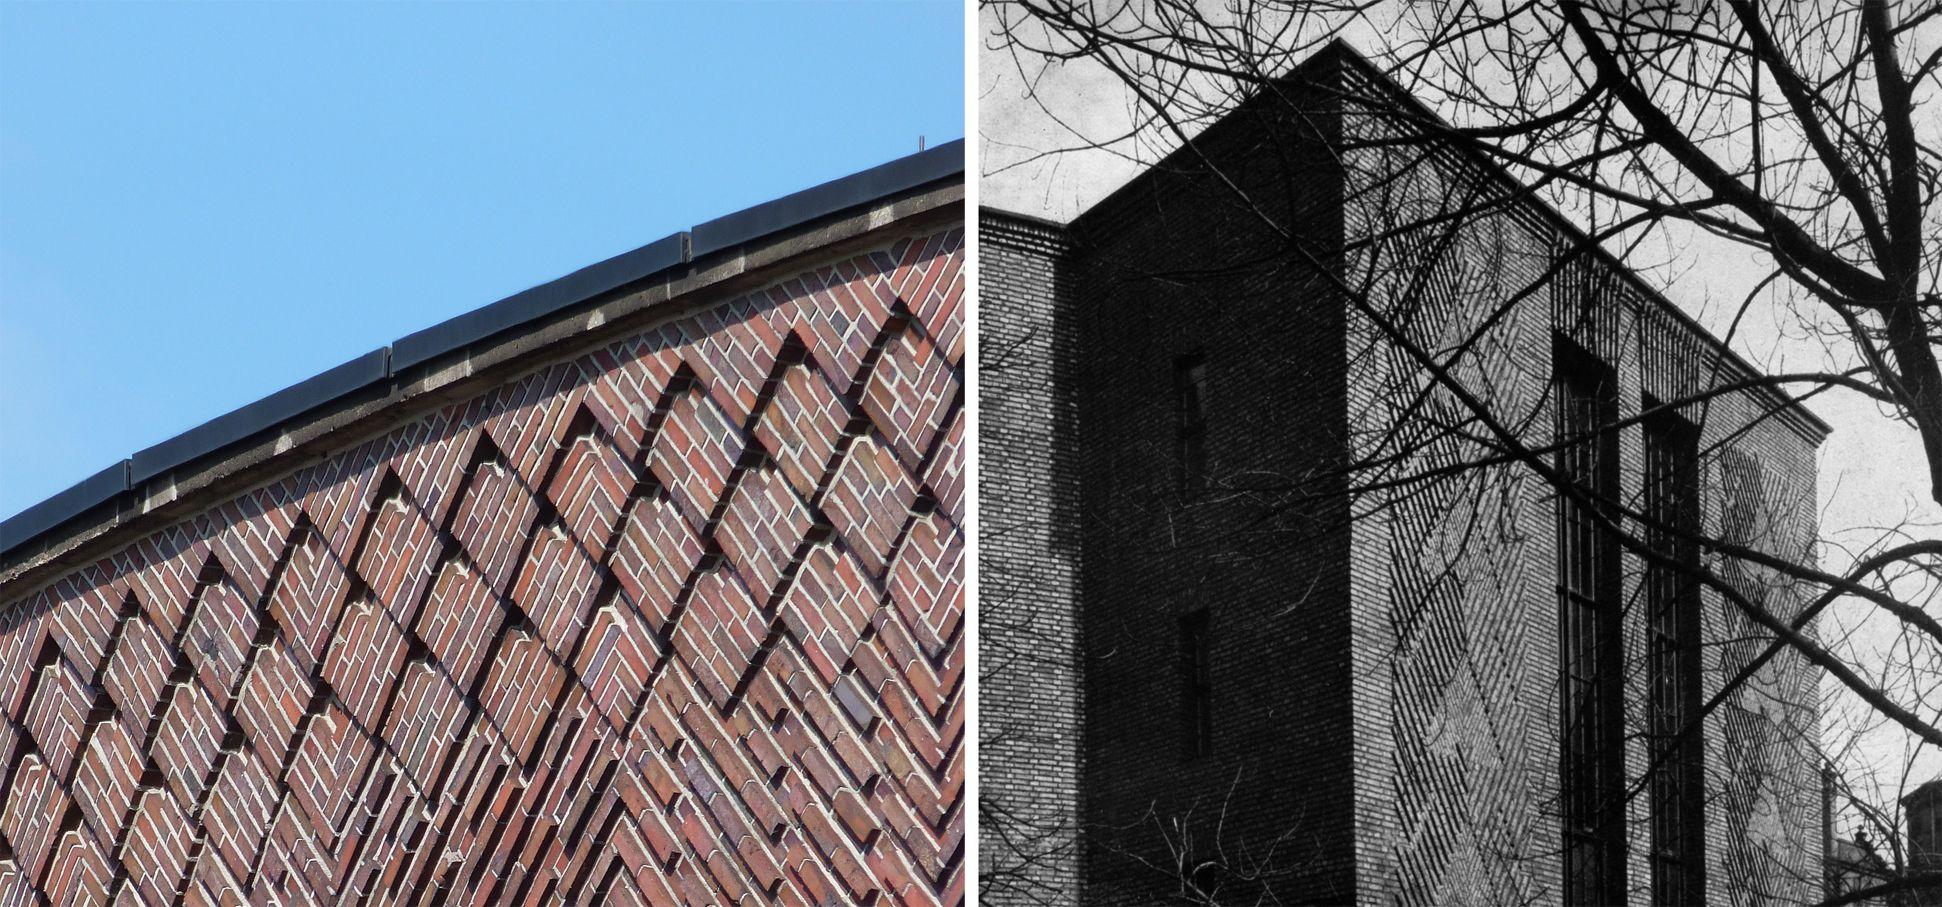 Planetarium VERGLEICHSBEISPIEL: Düsseldorf, Tonhalle, Architekt: Wilhelm Kreis, Detailansicht